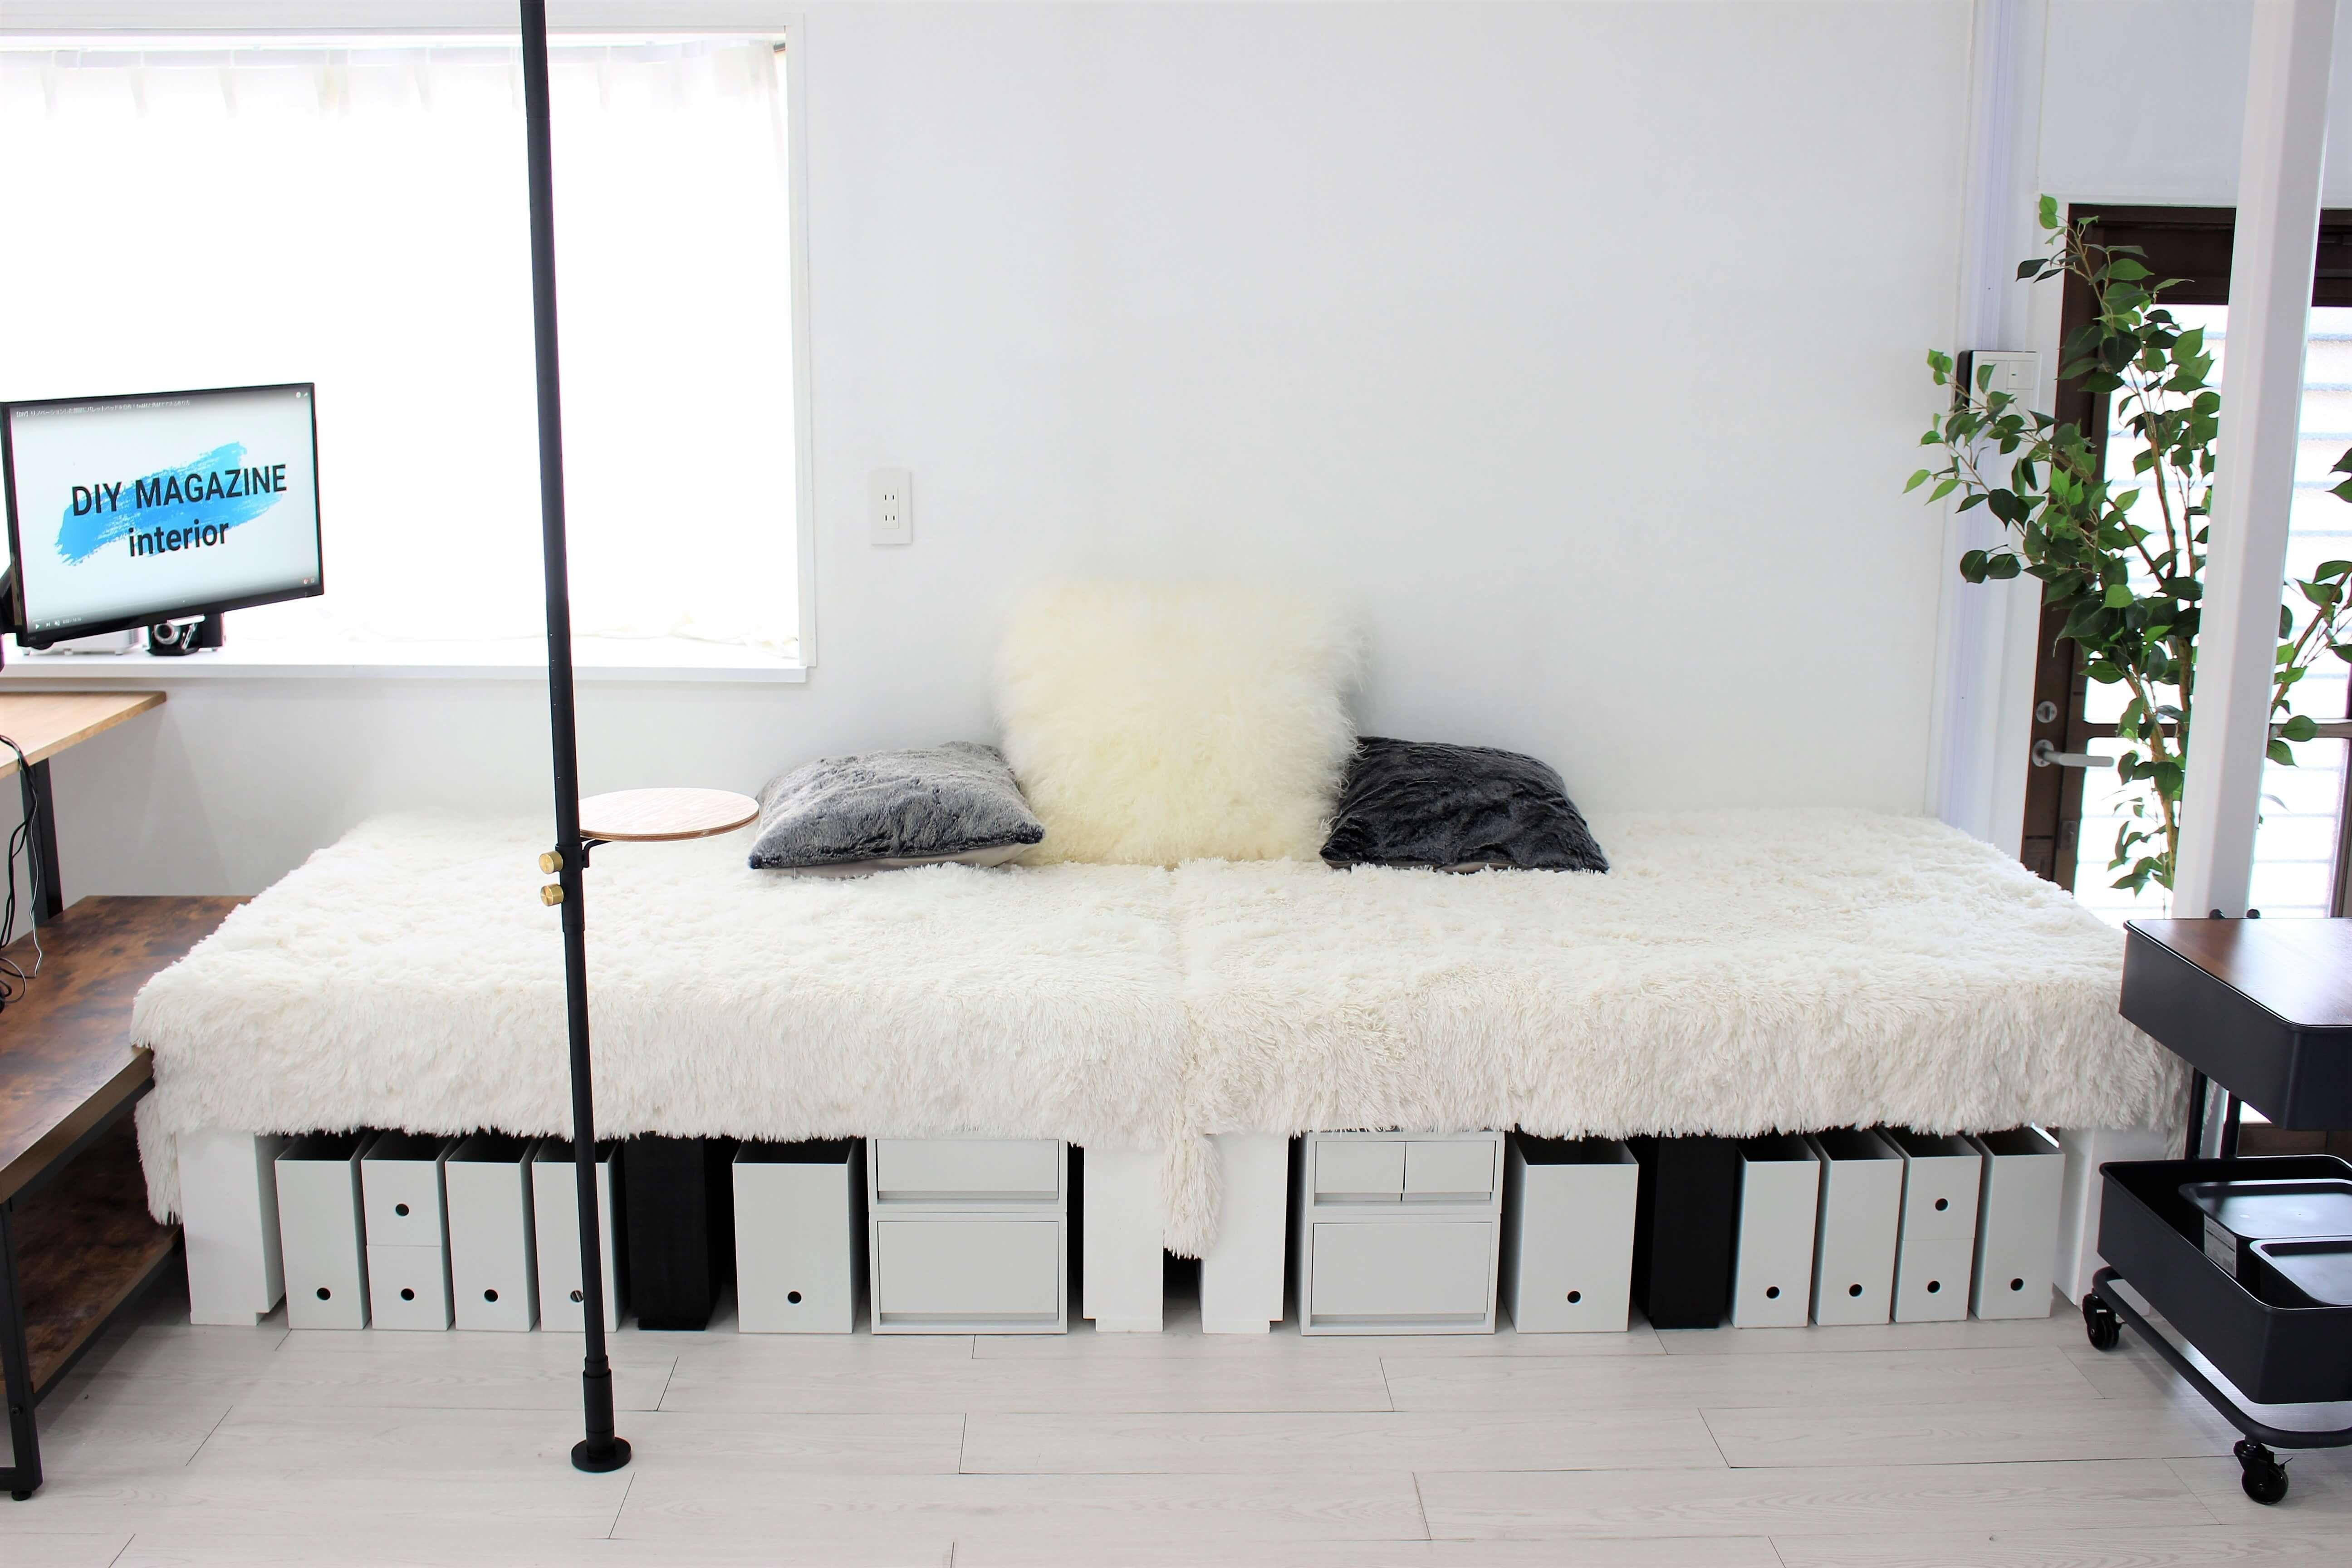 リノベーションした部屋にソファーベッドのような小上がりを自作 リビングに段差を作ってくつろげる空間にdiy 足元は無印良品のケースで収納スペースとして活用 カウンターテーブル ベッド の 作り方 ソファーベッド